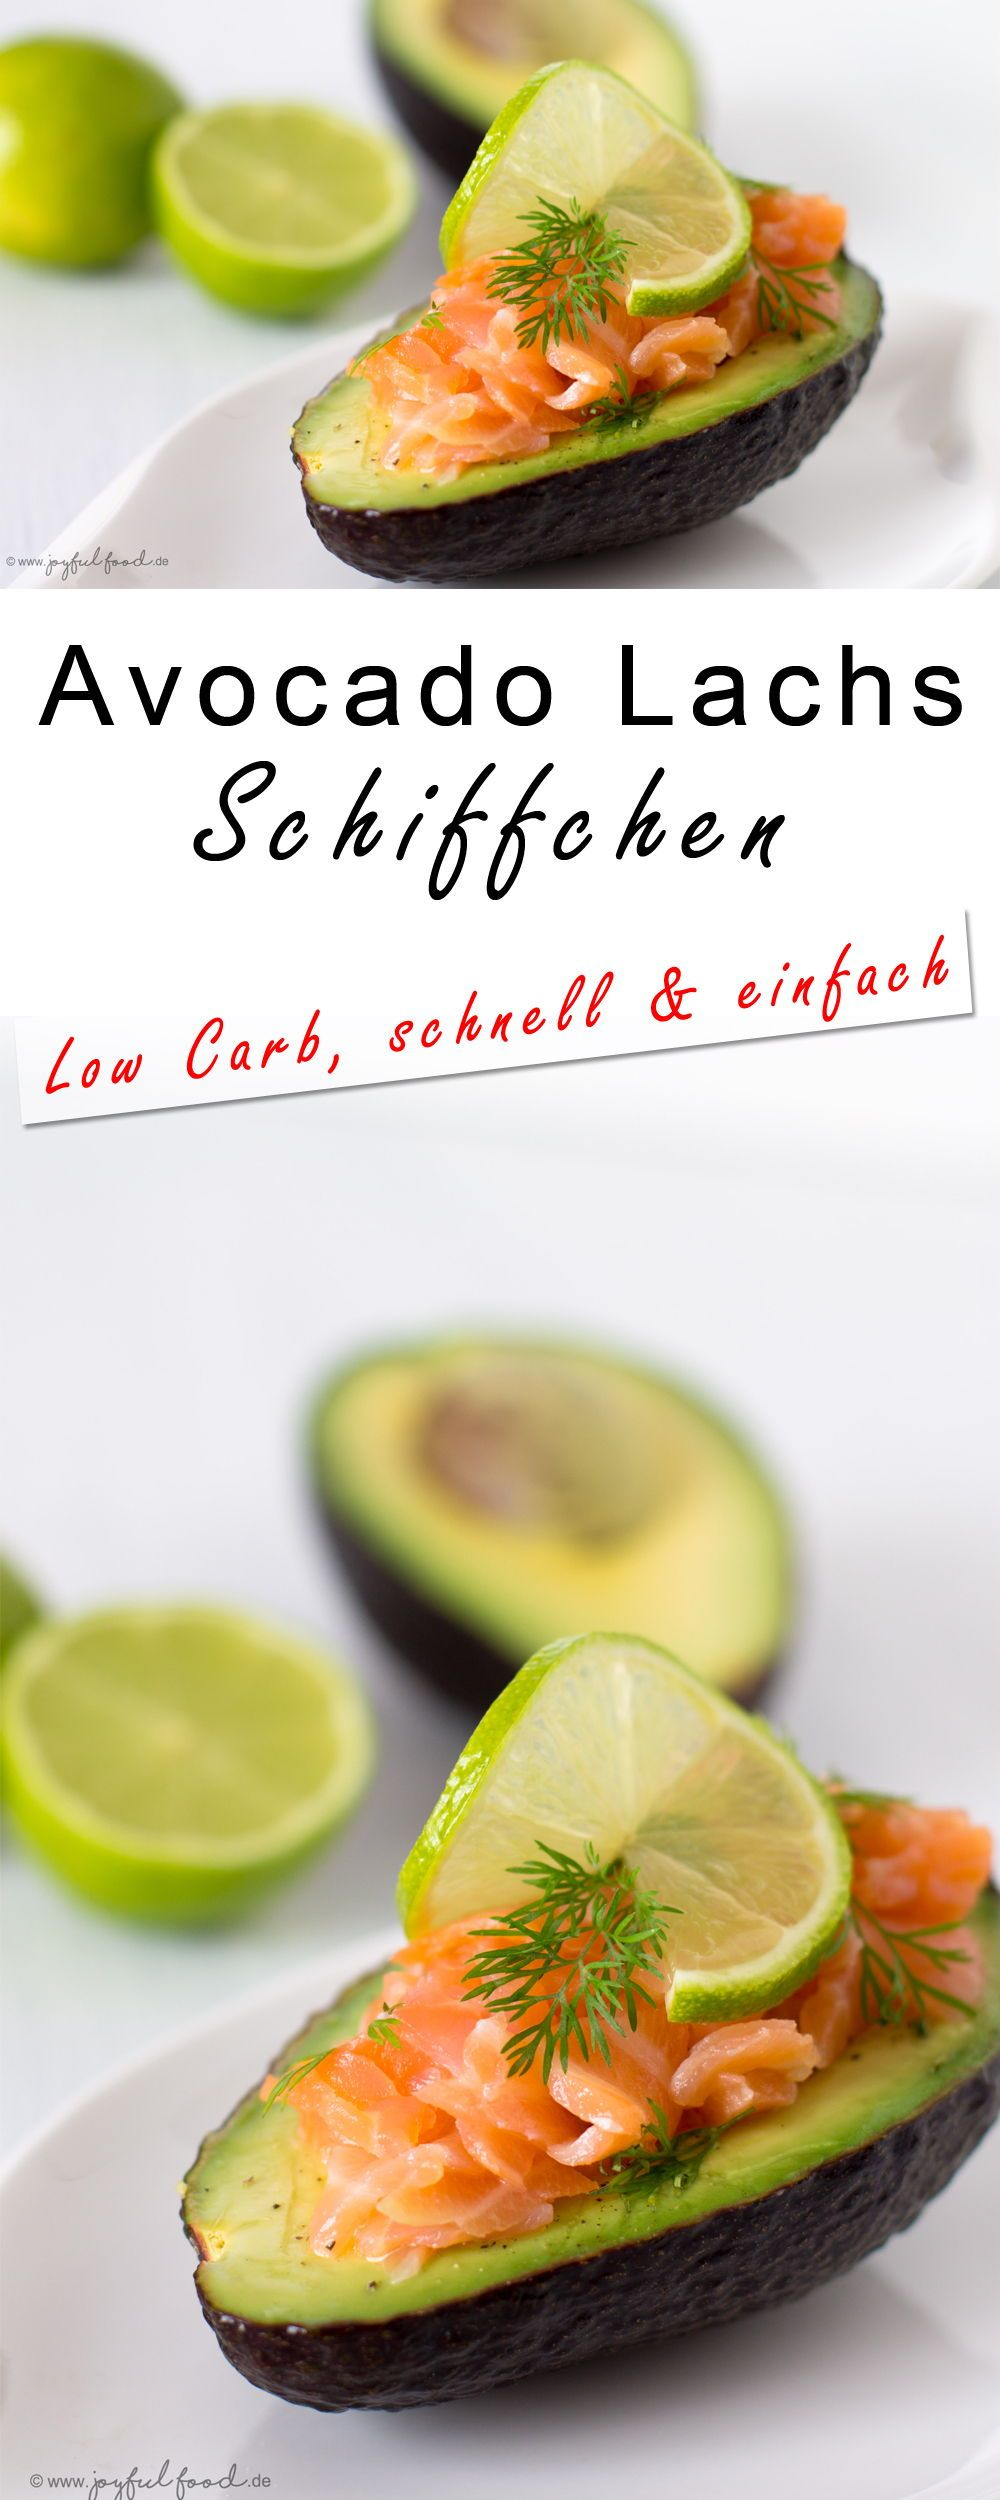 Avocado Lachs Schiffchen | Rezept | Sommerküche, Schnelle rezepte ...